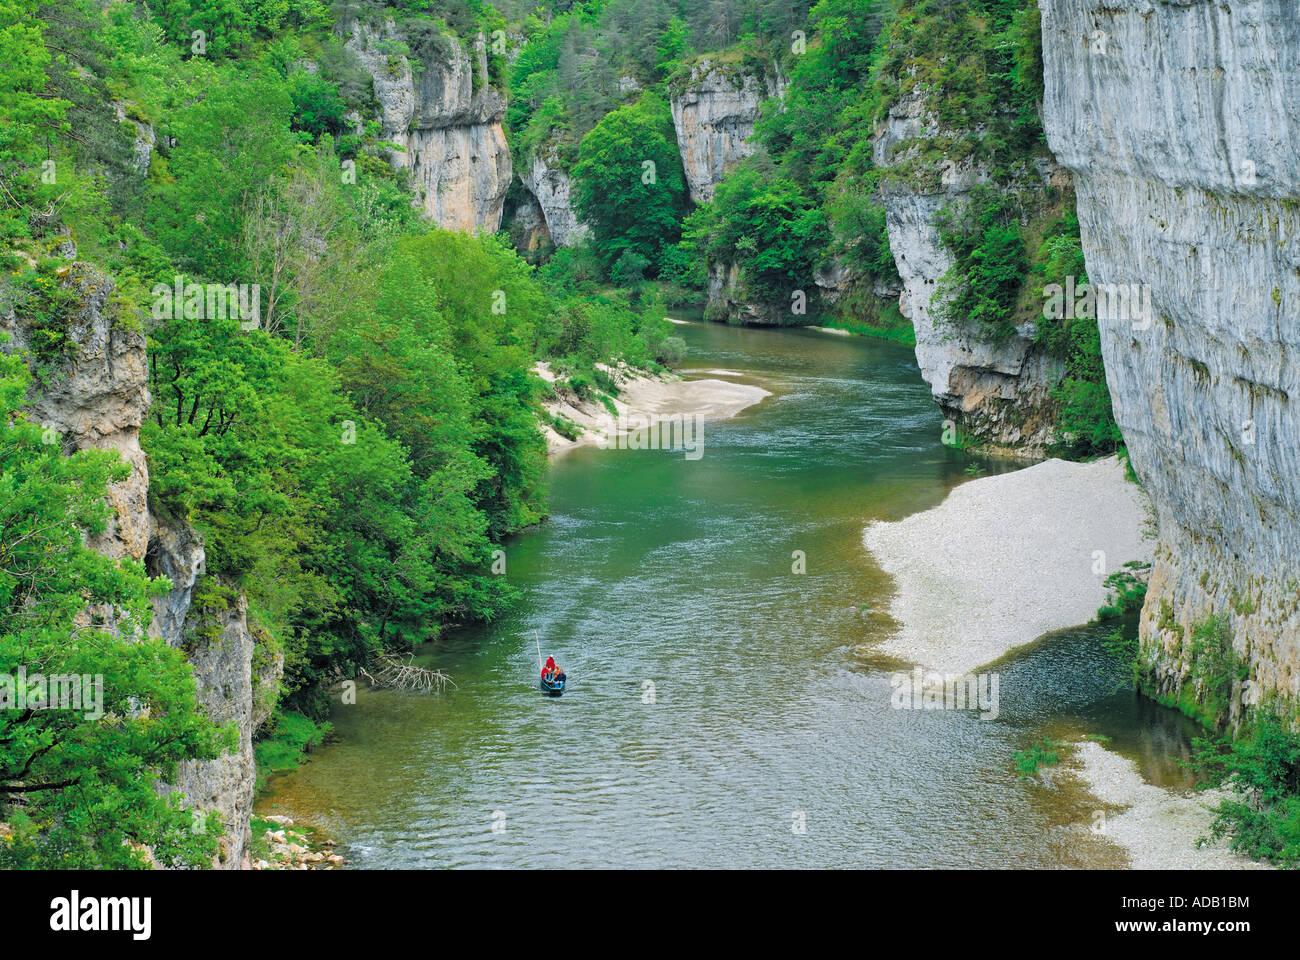 Viaje en barco por el río Tarn, Gorges du Tarn, Millau, Midi-Pyrénées, Francia Imagen De Stock